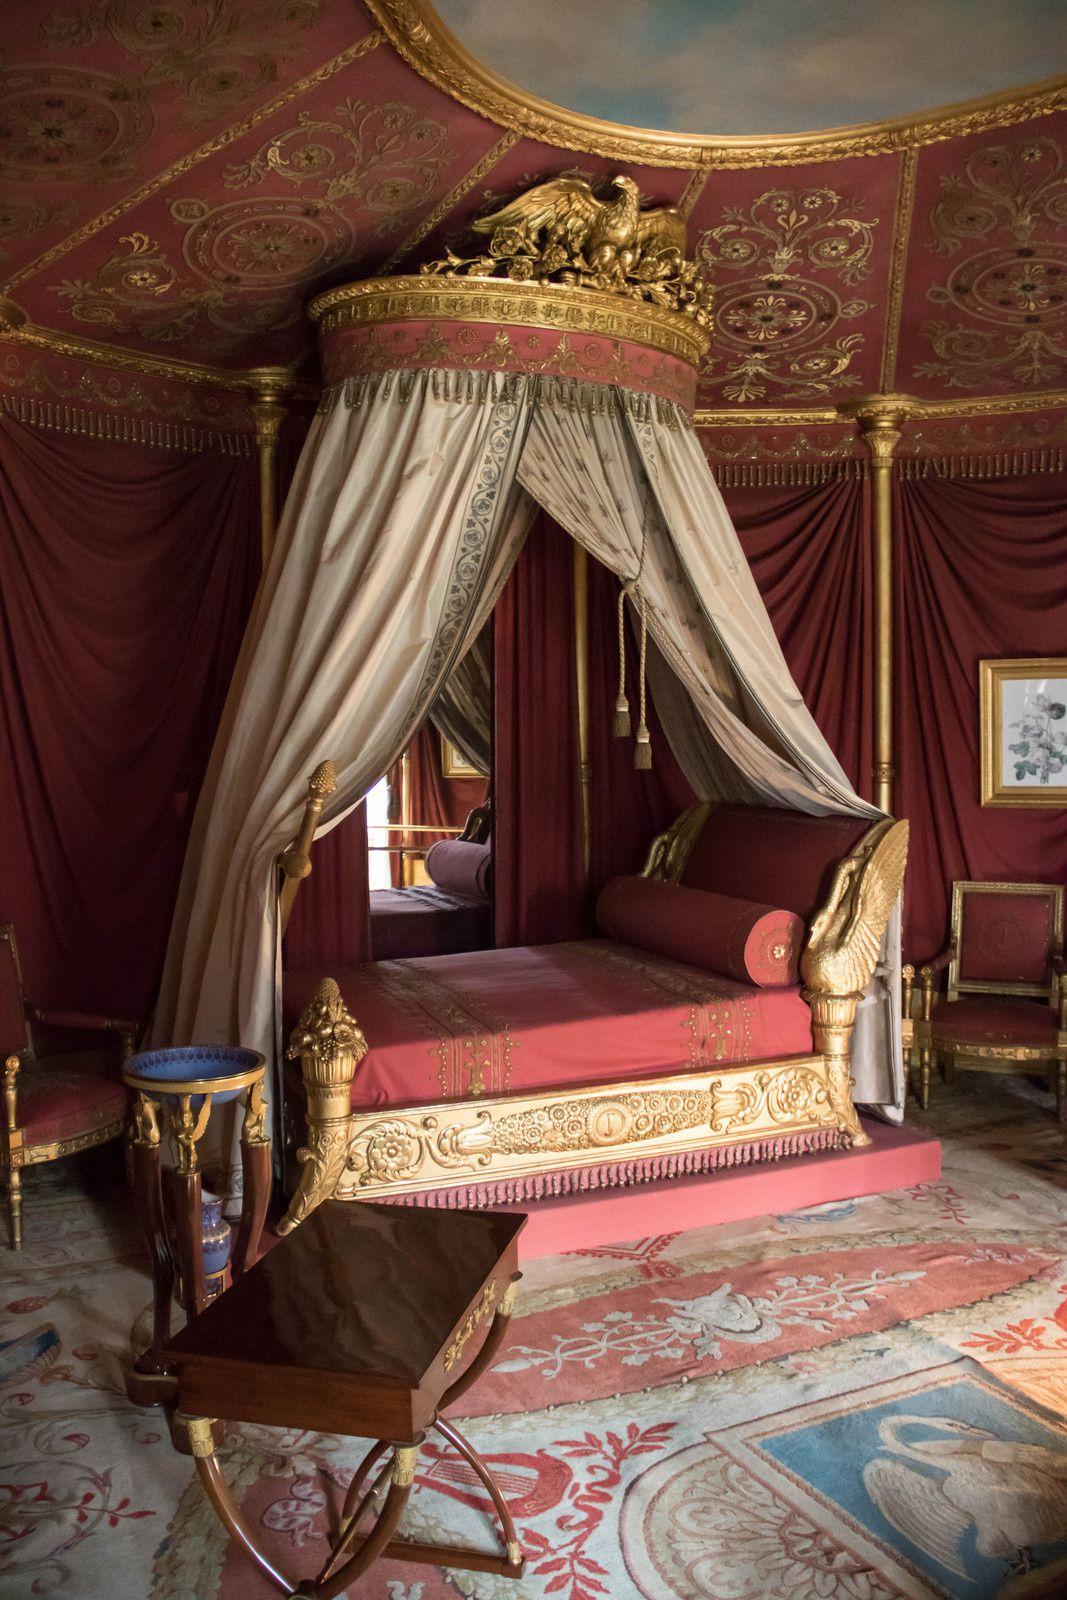 Des salles dont la salle de billard, la salle à manger, la bibliothèque, les chambres de l'empereur et de l'impératrice, ...